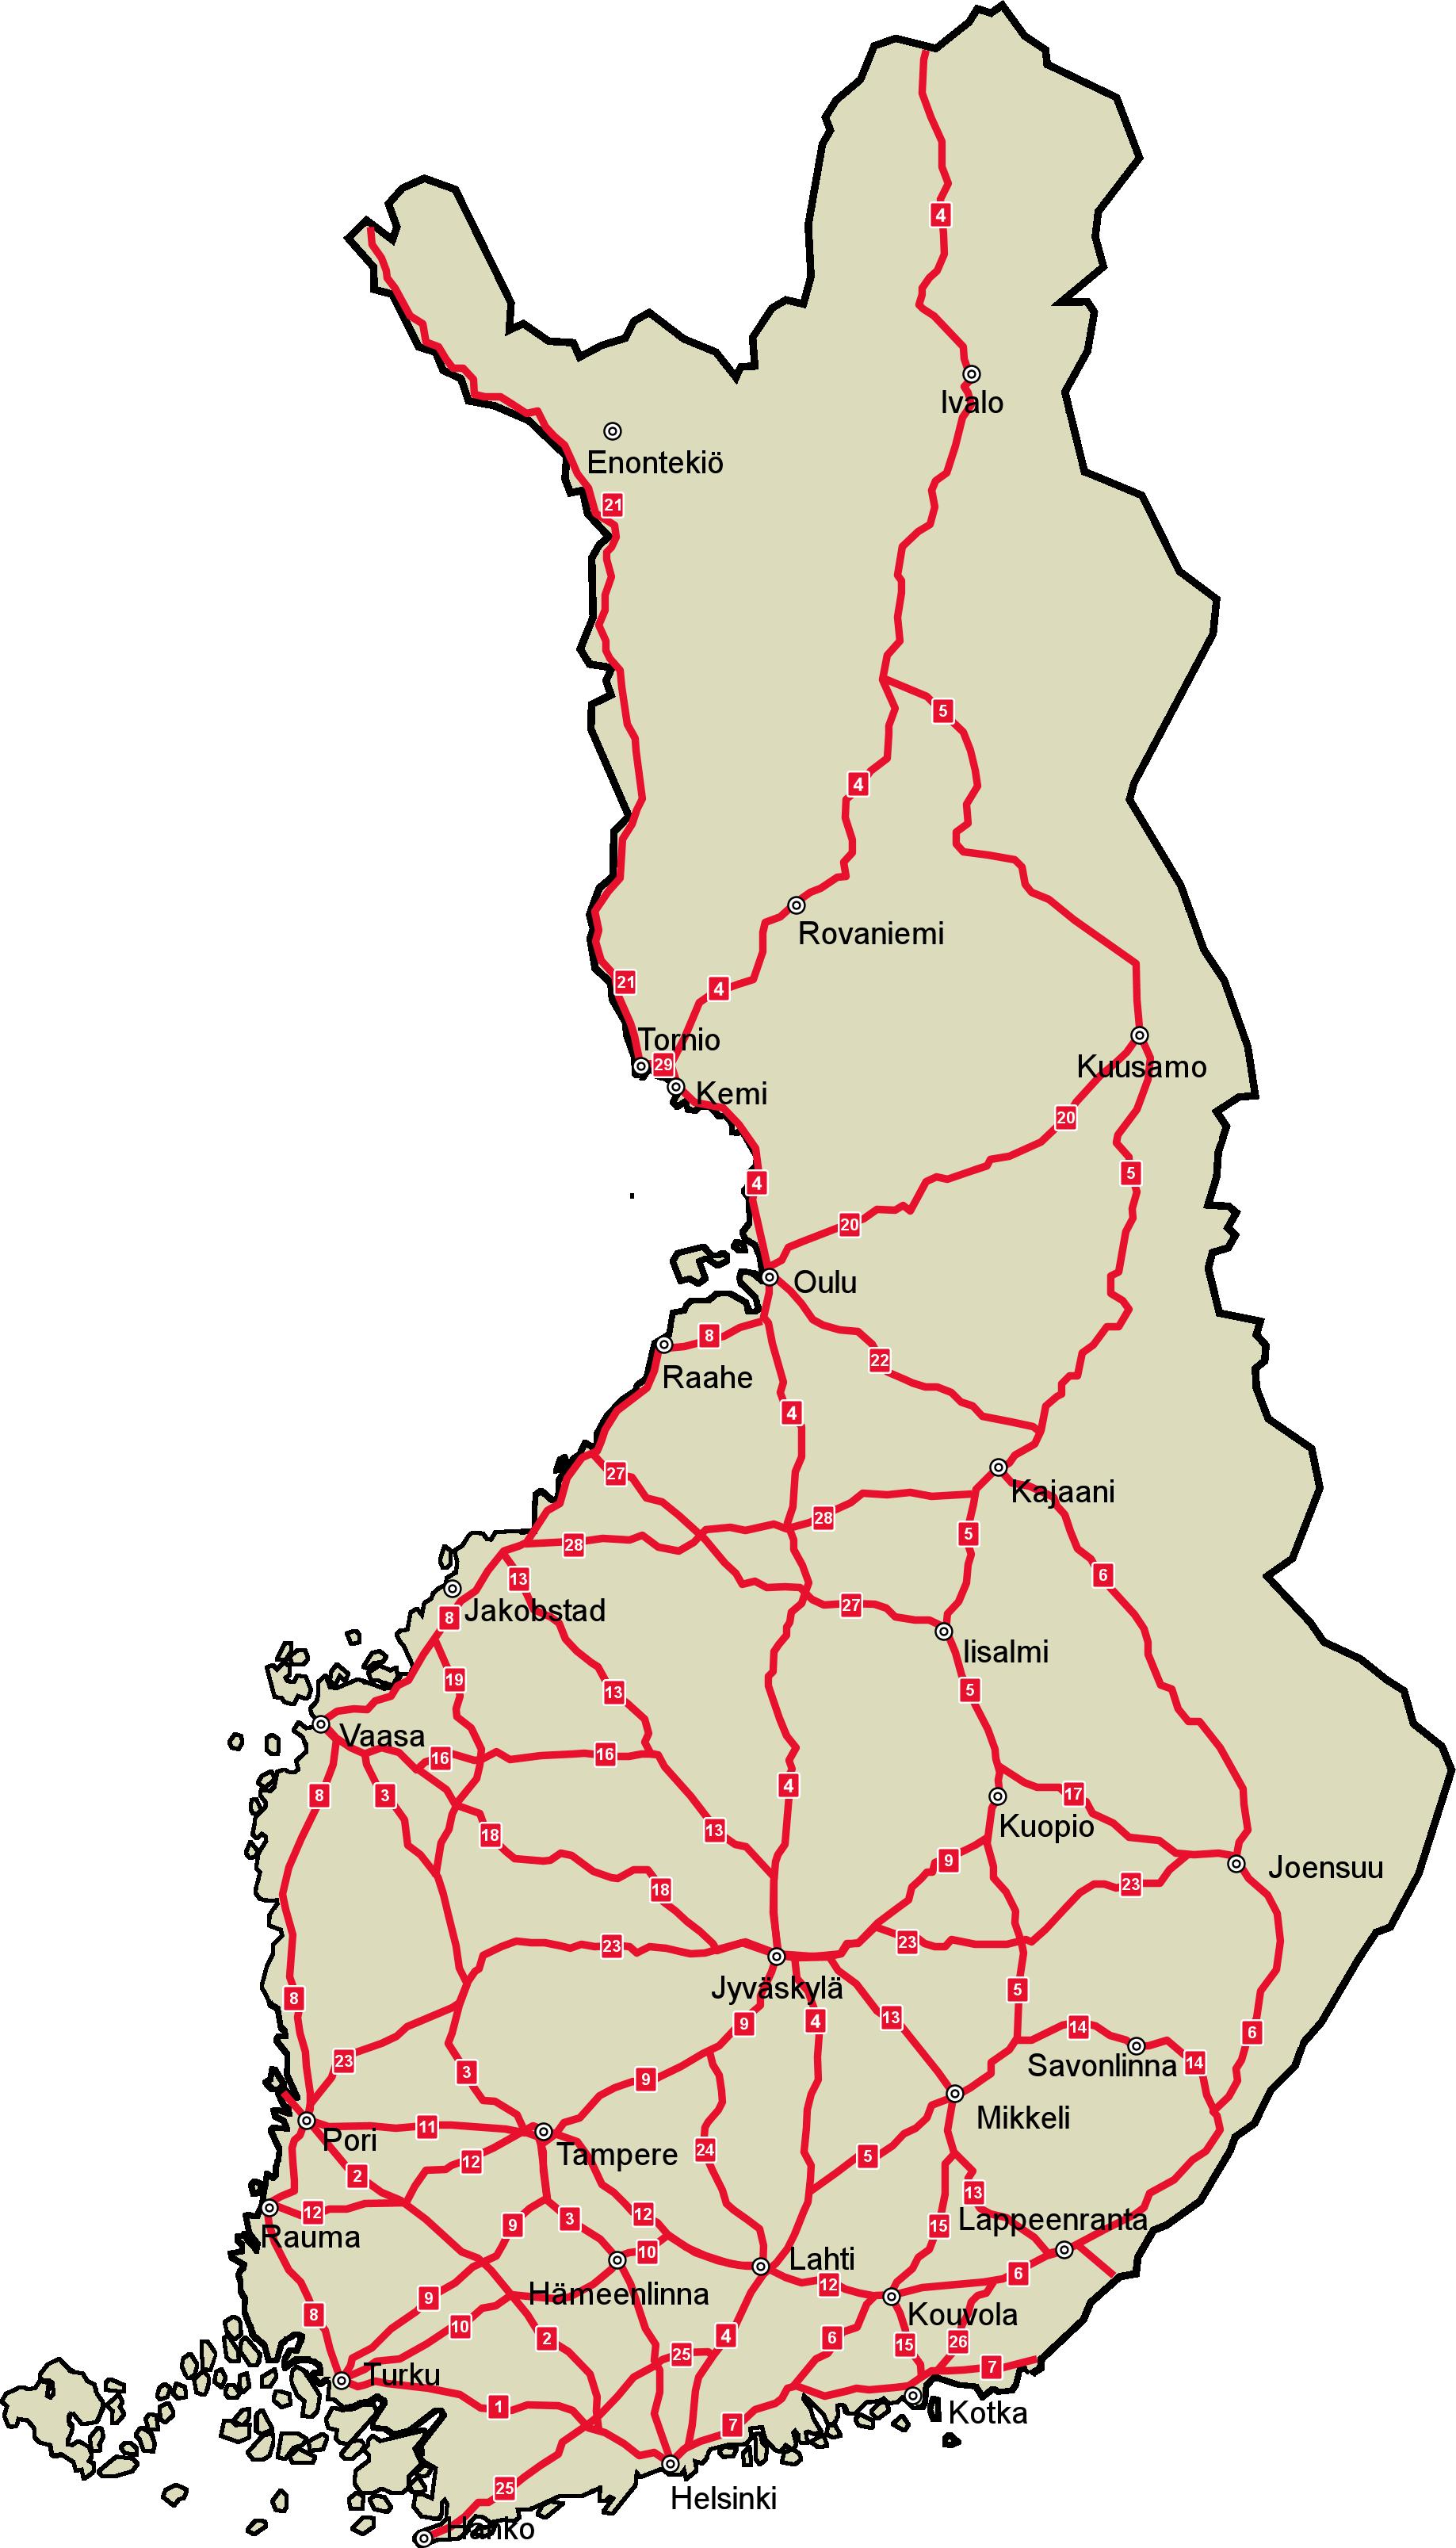 Dálniční síť ve Finsku